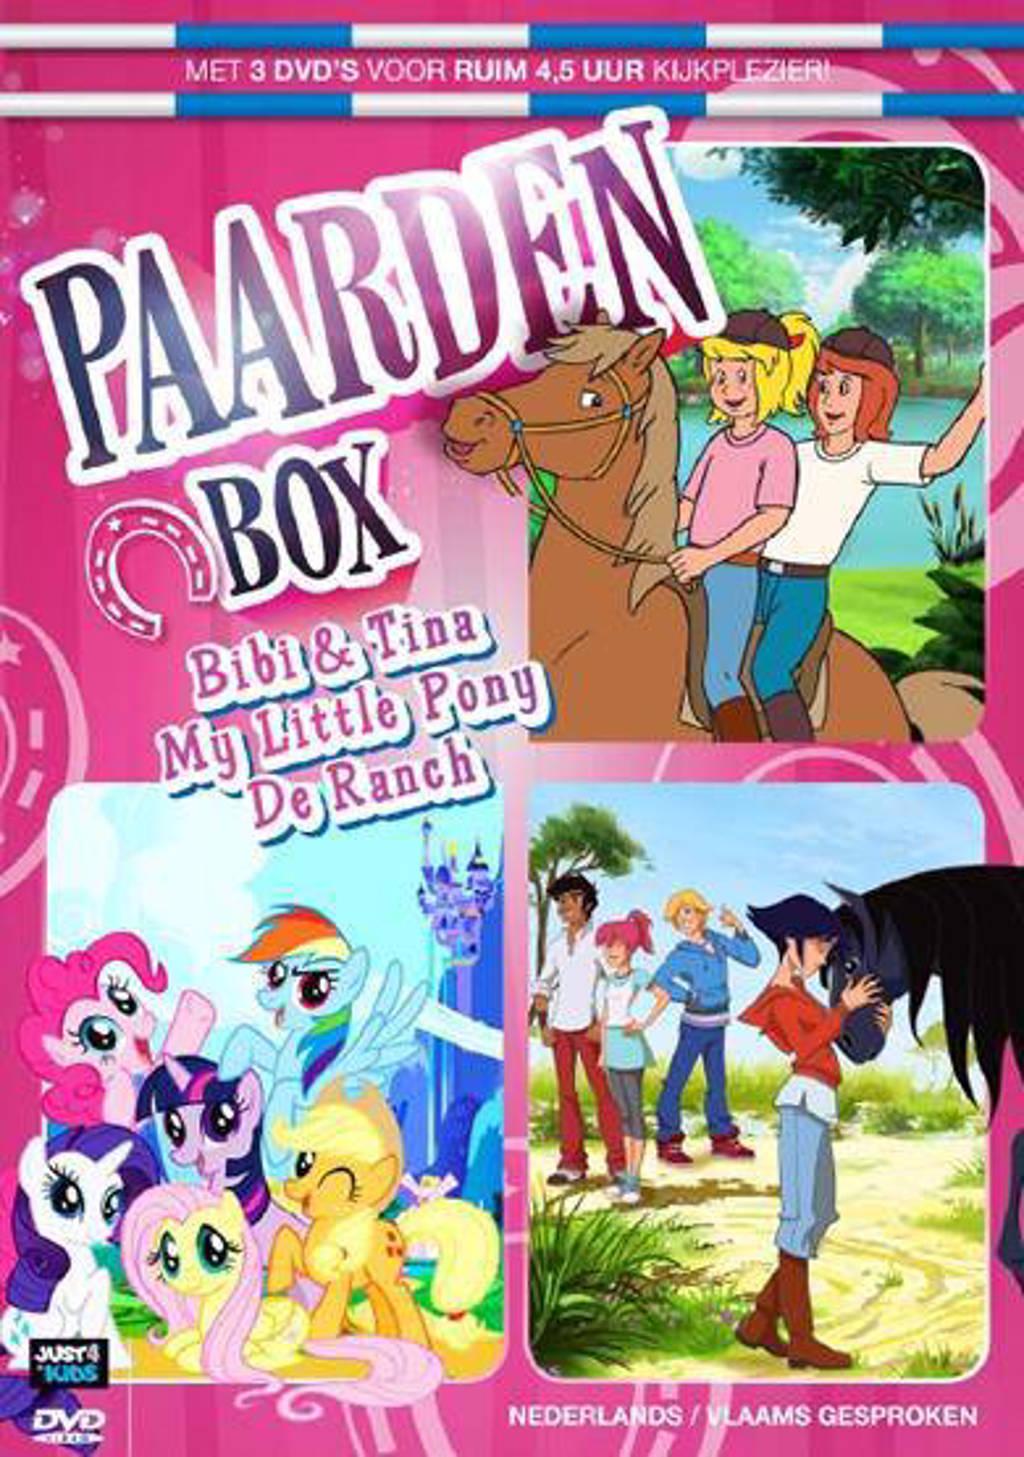 Paarden box (DVD)